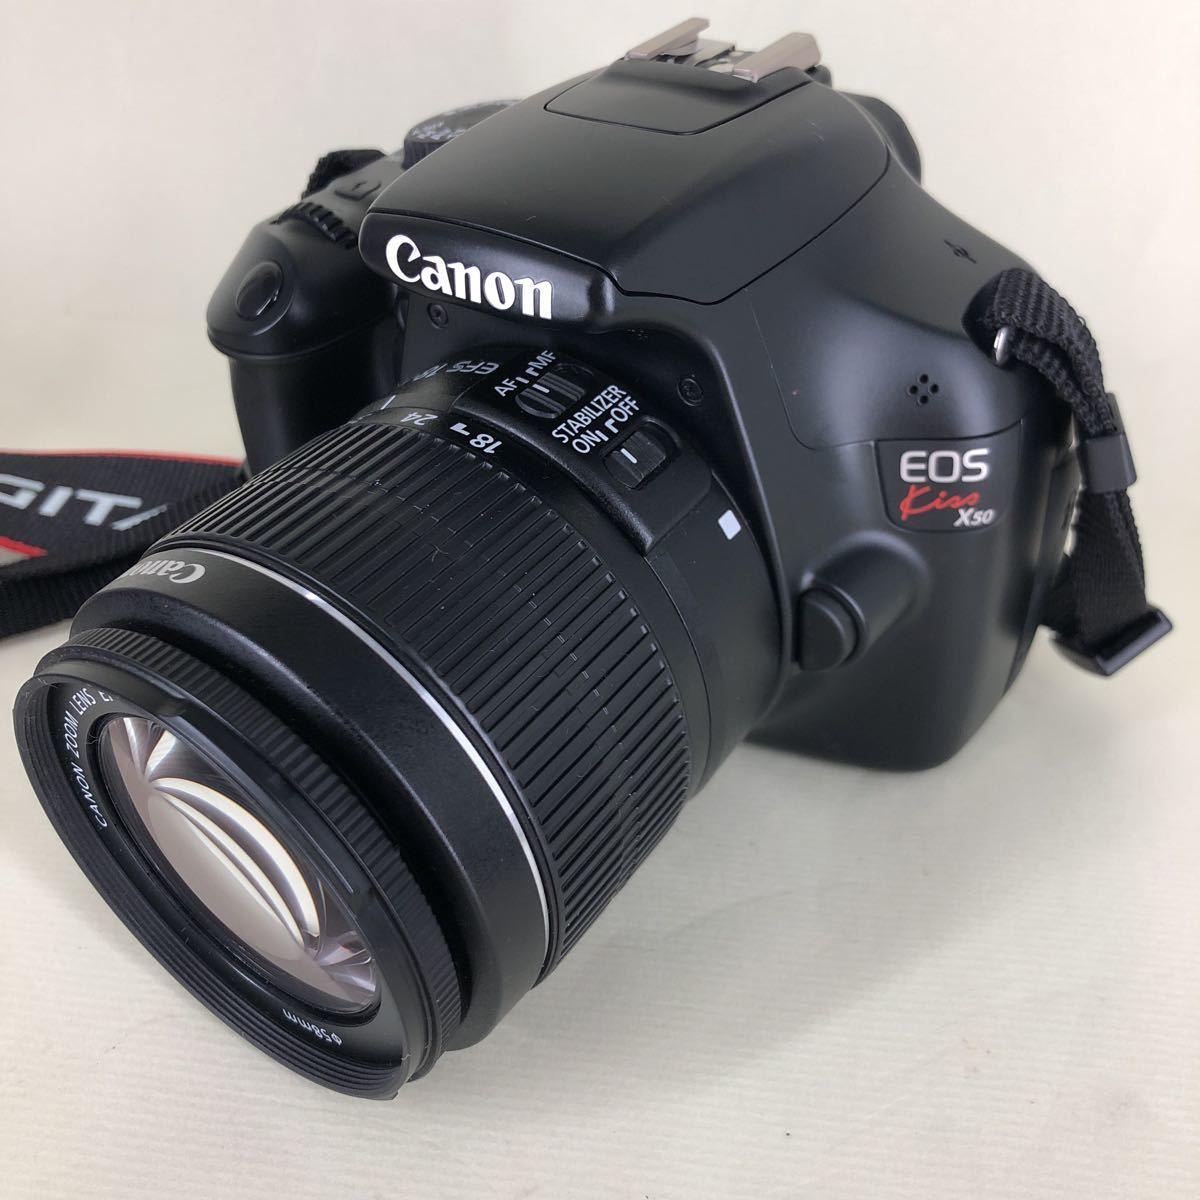 Canon EOS Kiss X50 新品級美品と純正ズームレンズEF-S 18-55mm IS Ⅱ付属 本体、レンズ共に新品級外観完全動作保証】撮影枚数 6枚!